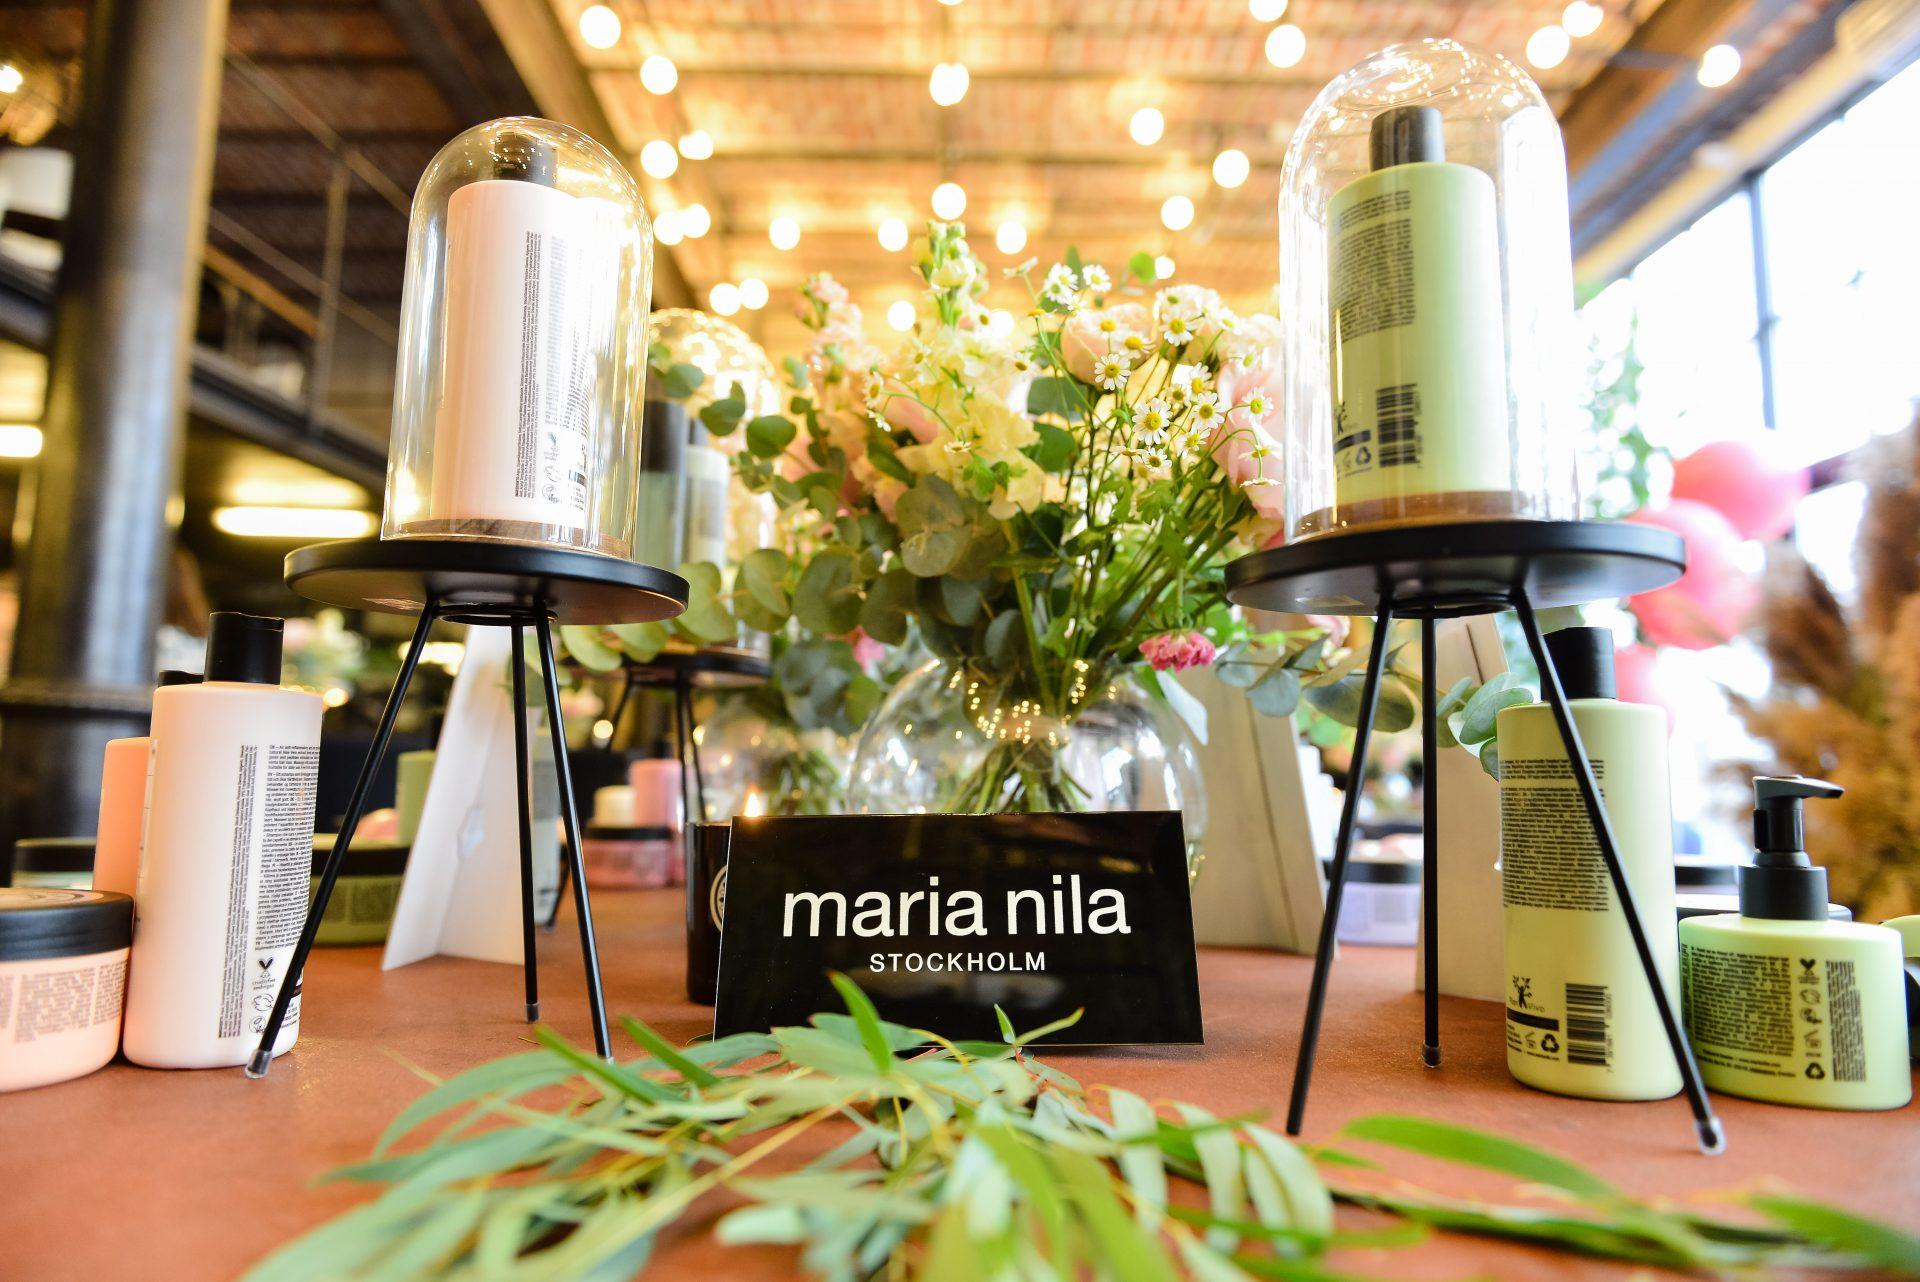 Maria Nila launch